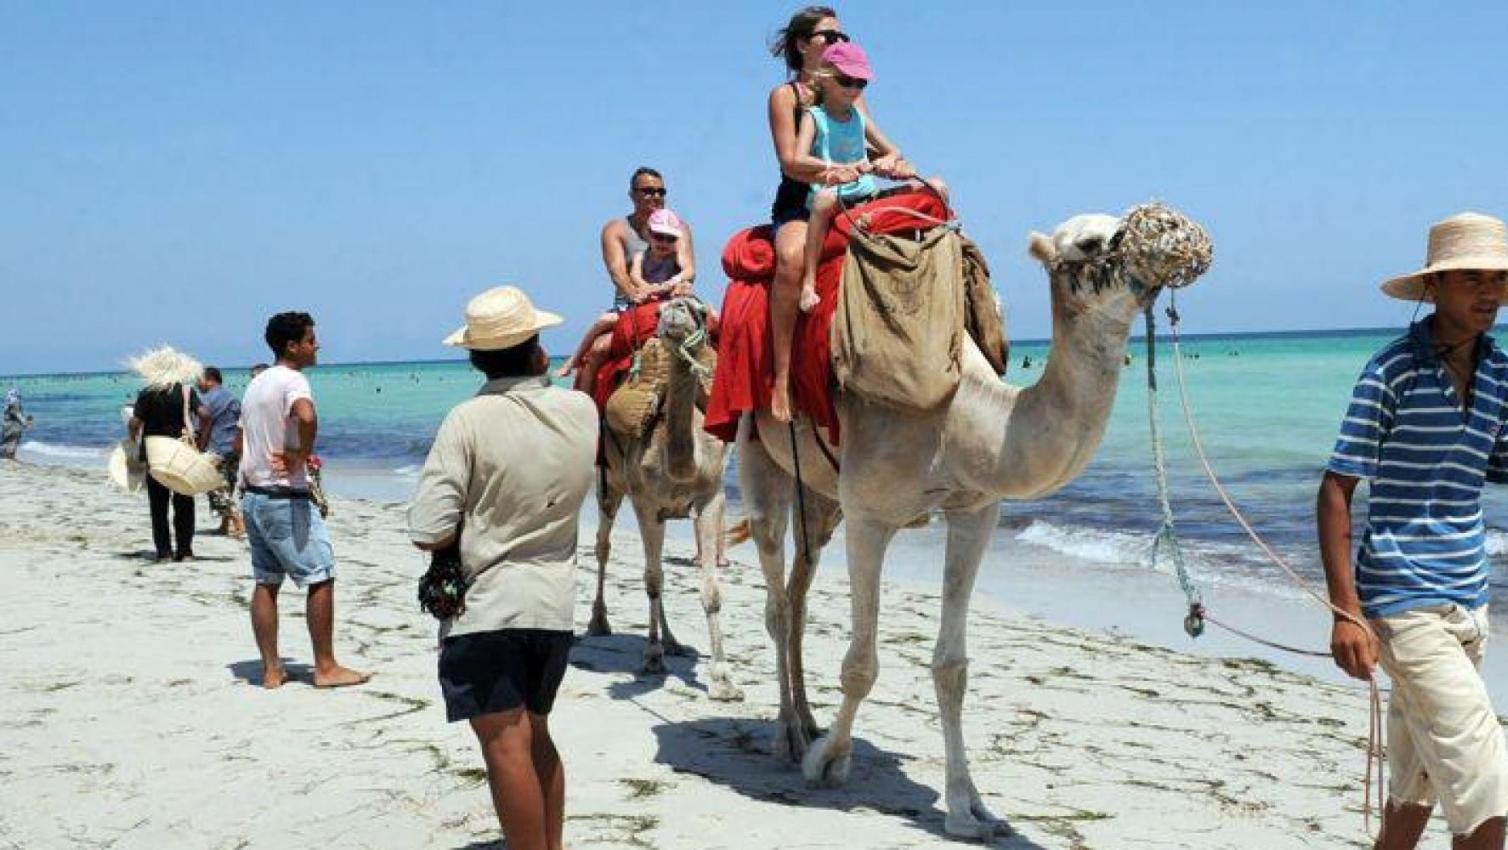 L industrie du tourisme ne fait plus recette - Office du tourisme recrutement ...